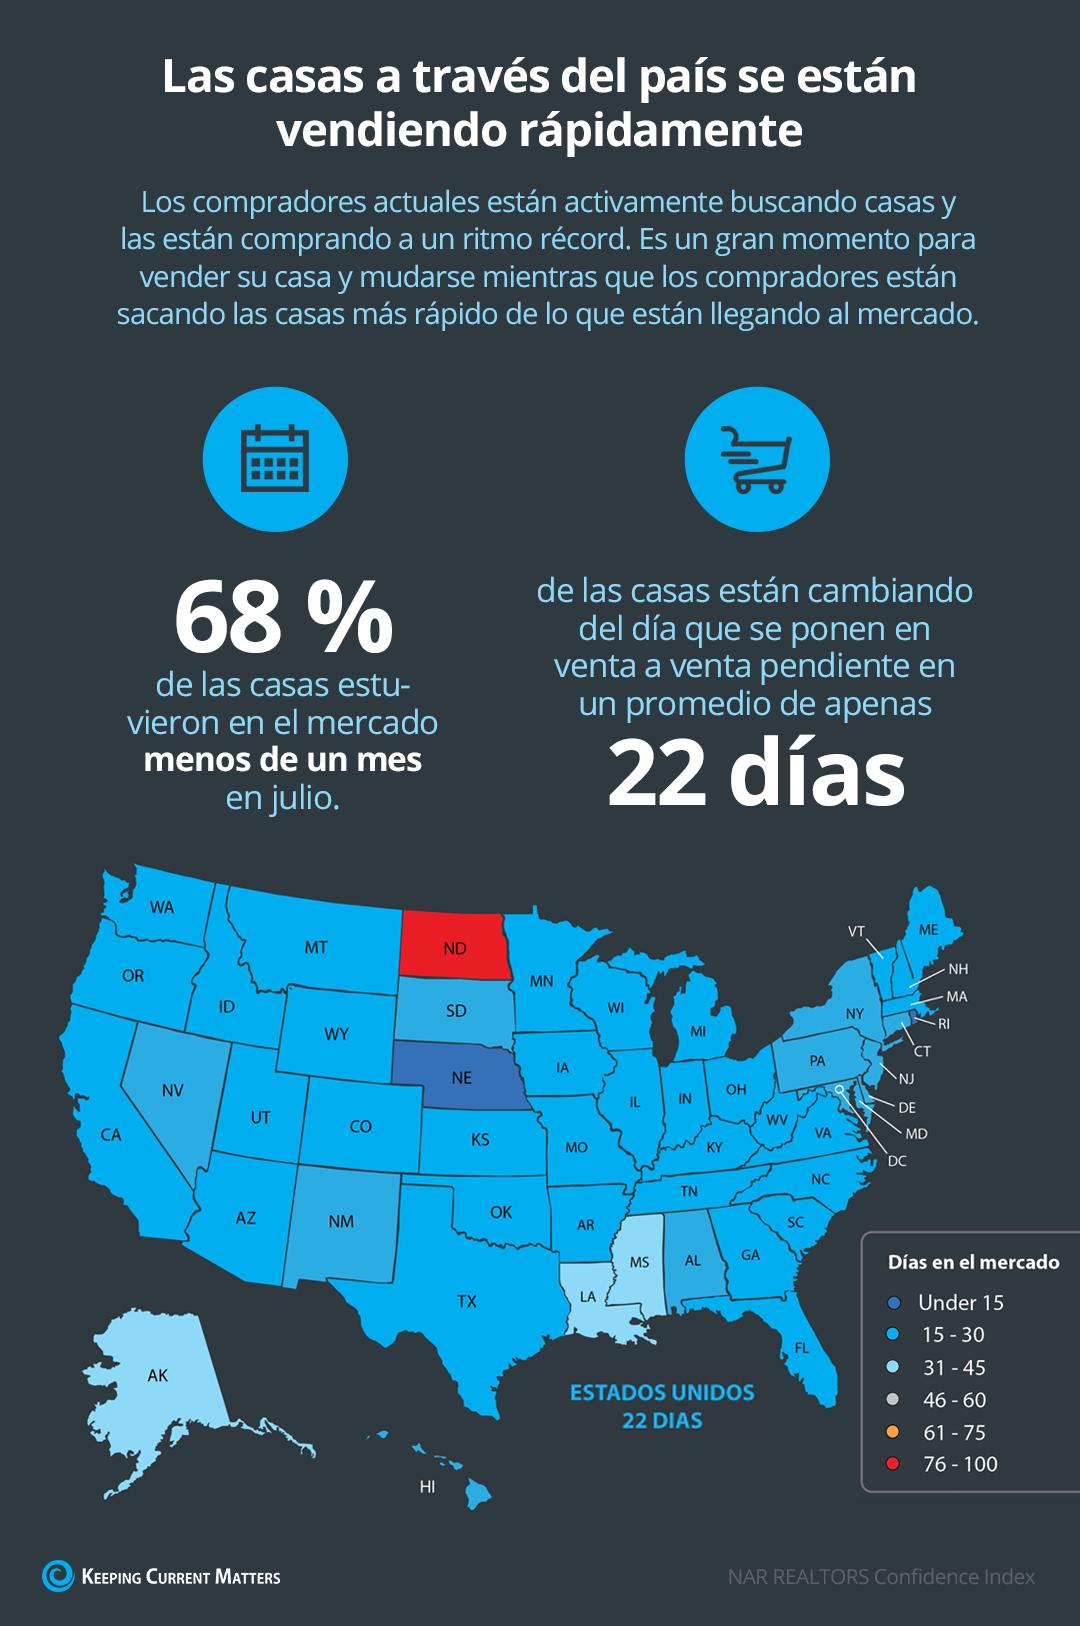 Las casas a través del país se están vendiendo rápidamente [Infografía] | Keeping Current Matters